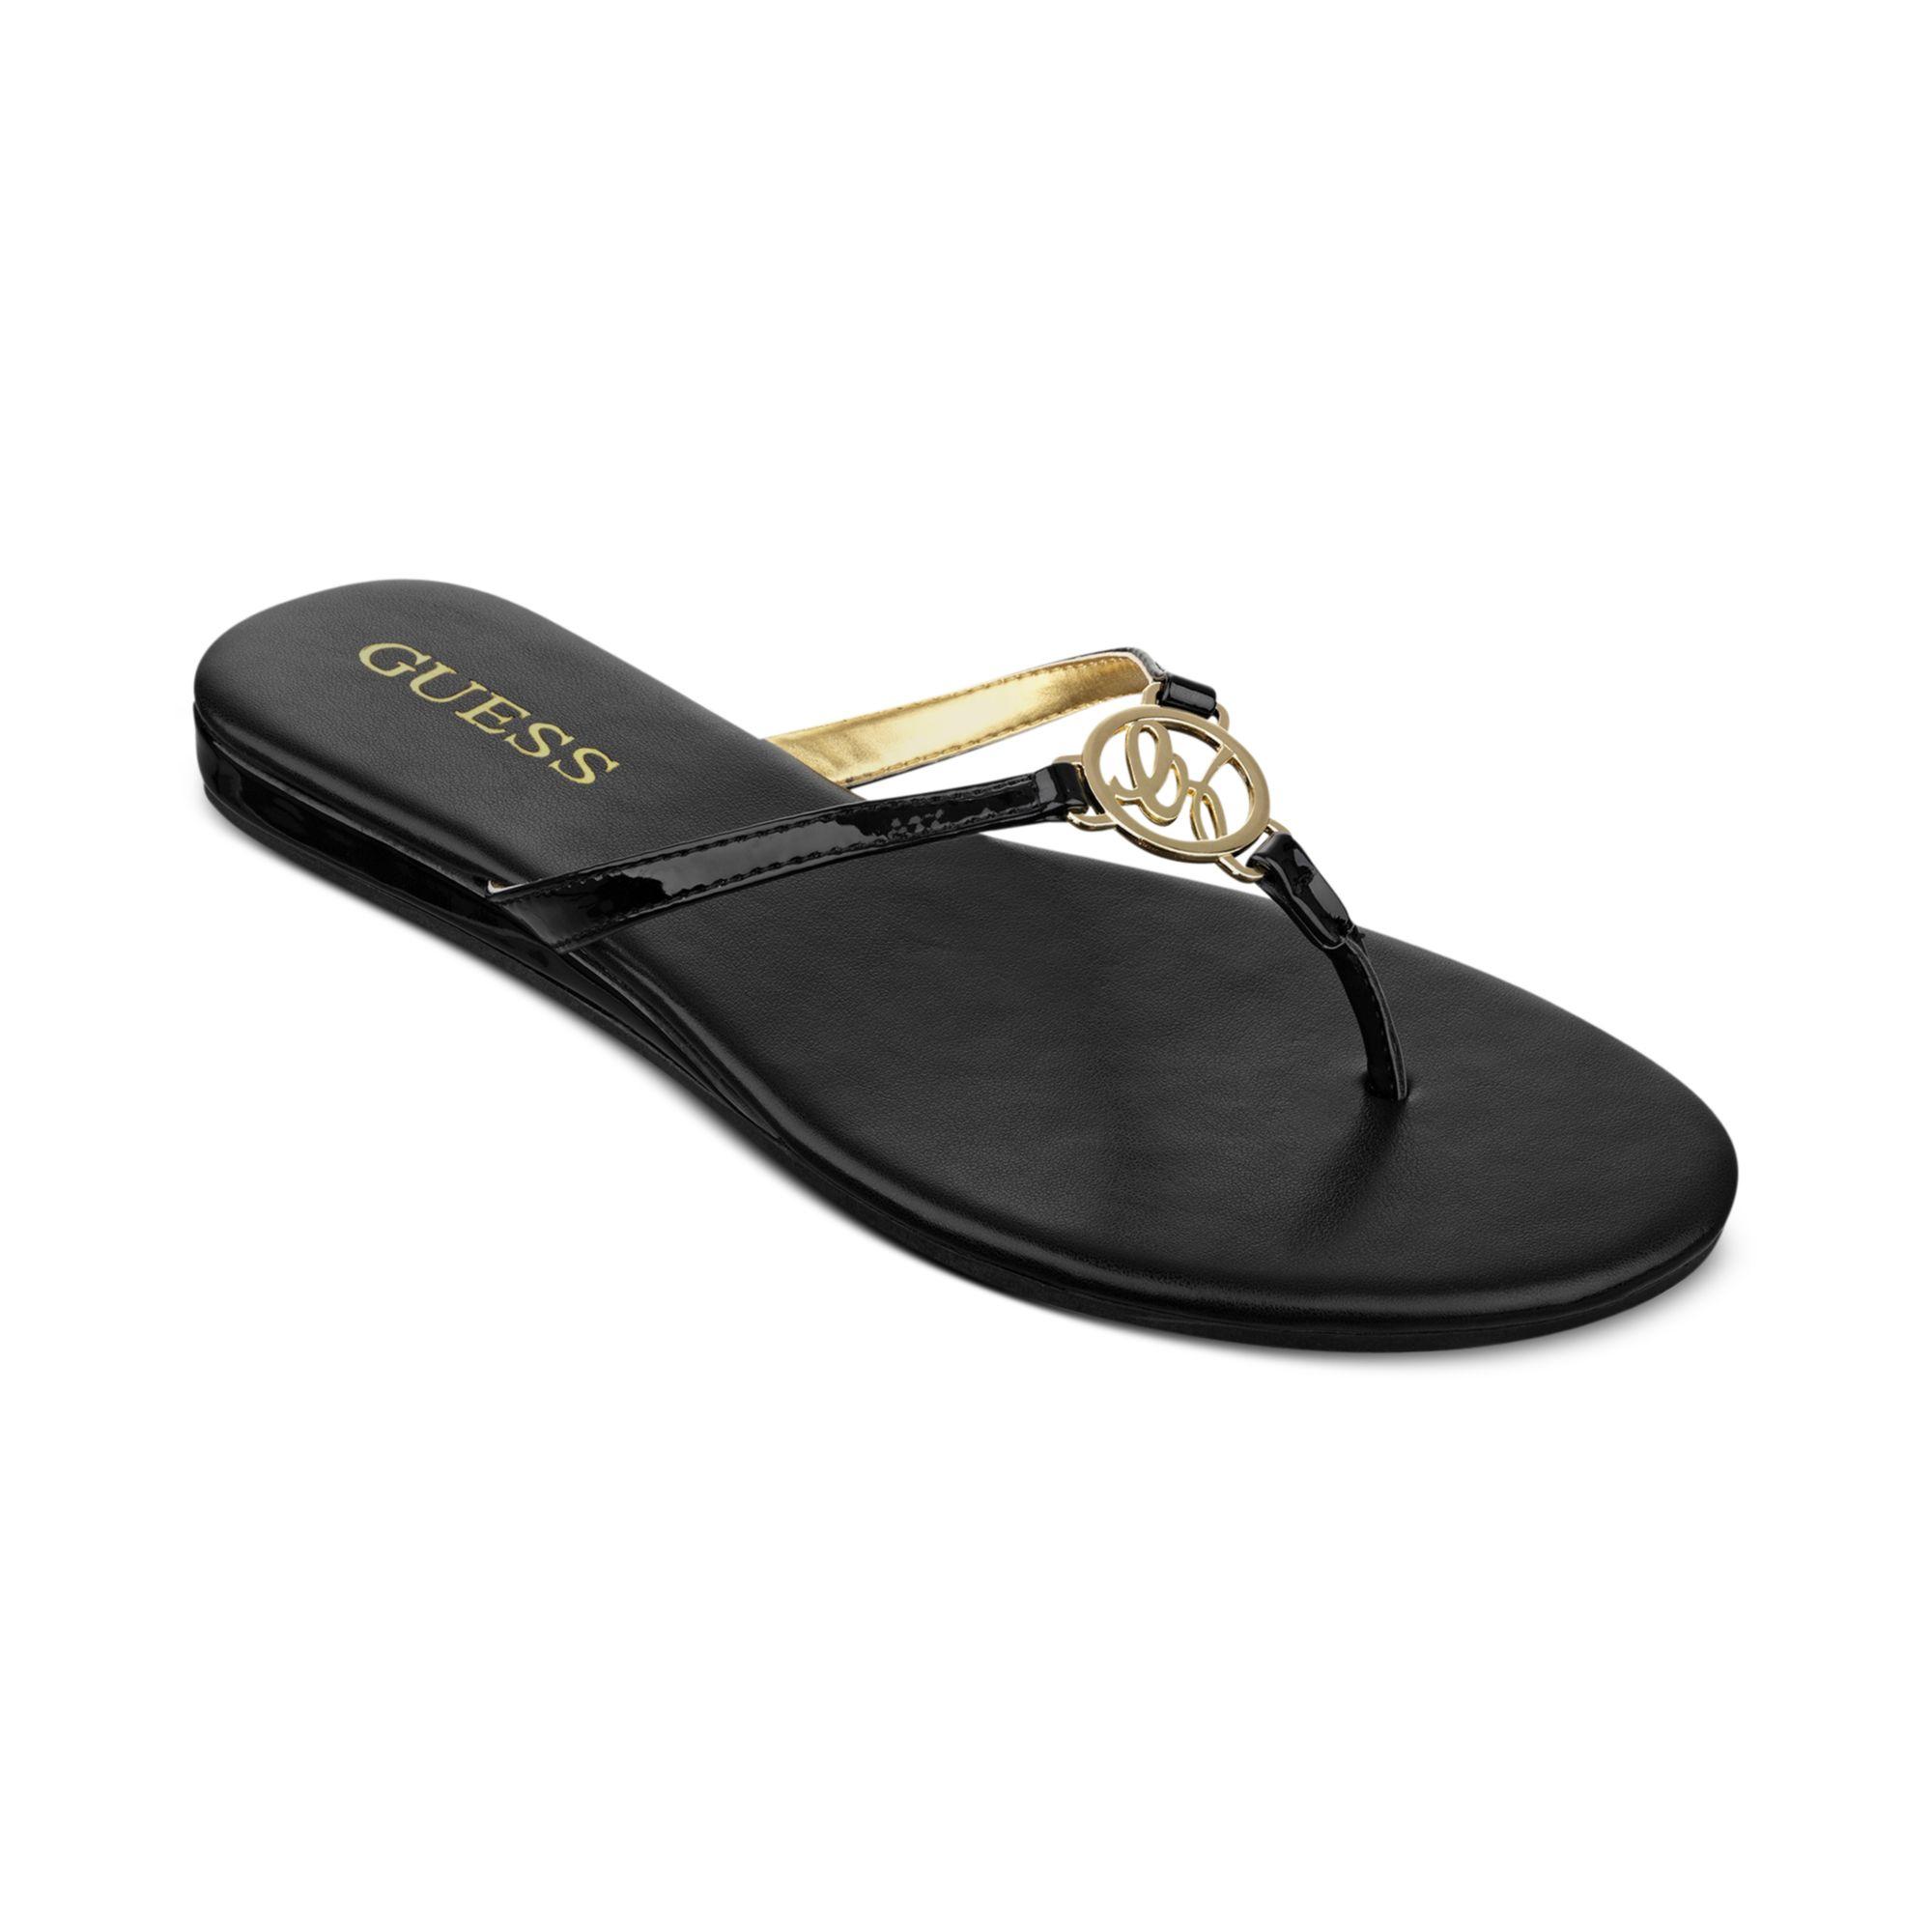 b284f065f03f Lyst - Guess Julsy Flat Thong Sandals in Black